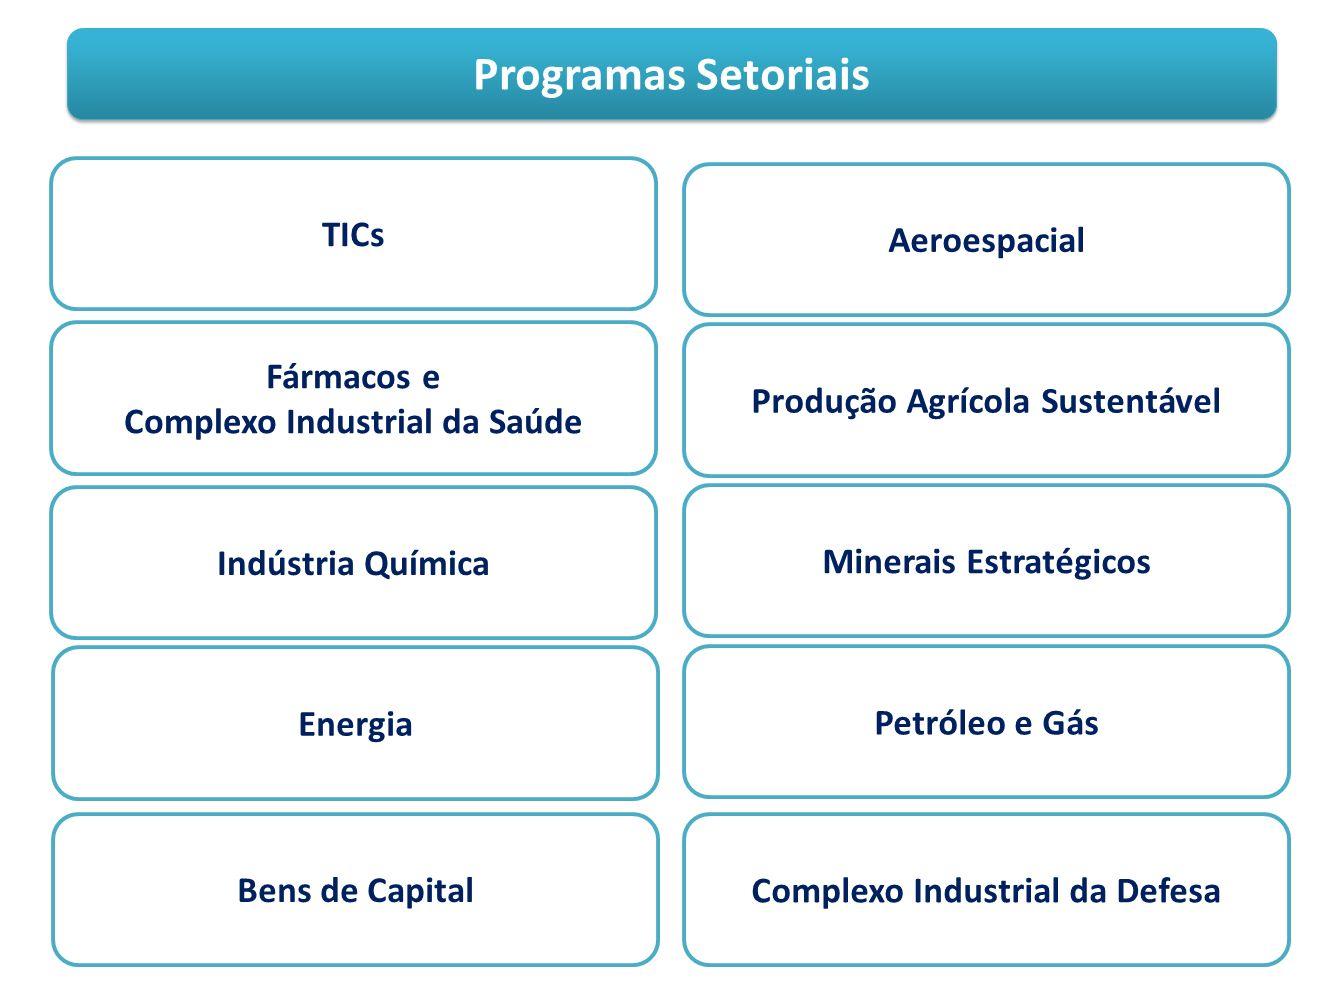 Programas Setoriais TICs Fármacos e Complexo Industrial da Saúde Indústria Química Energia Bens de Capital Aeroespacial Produção Agrícola Sustentável